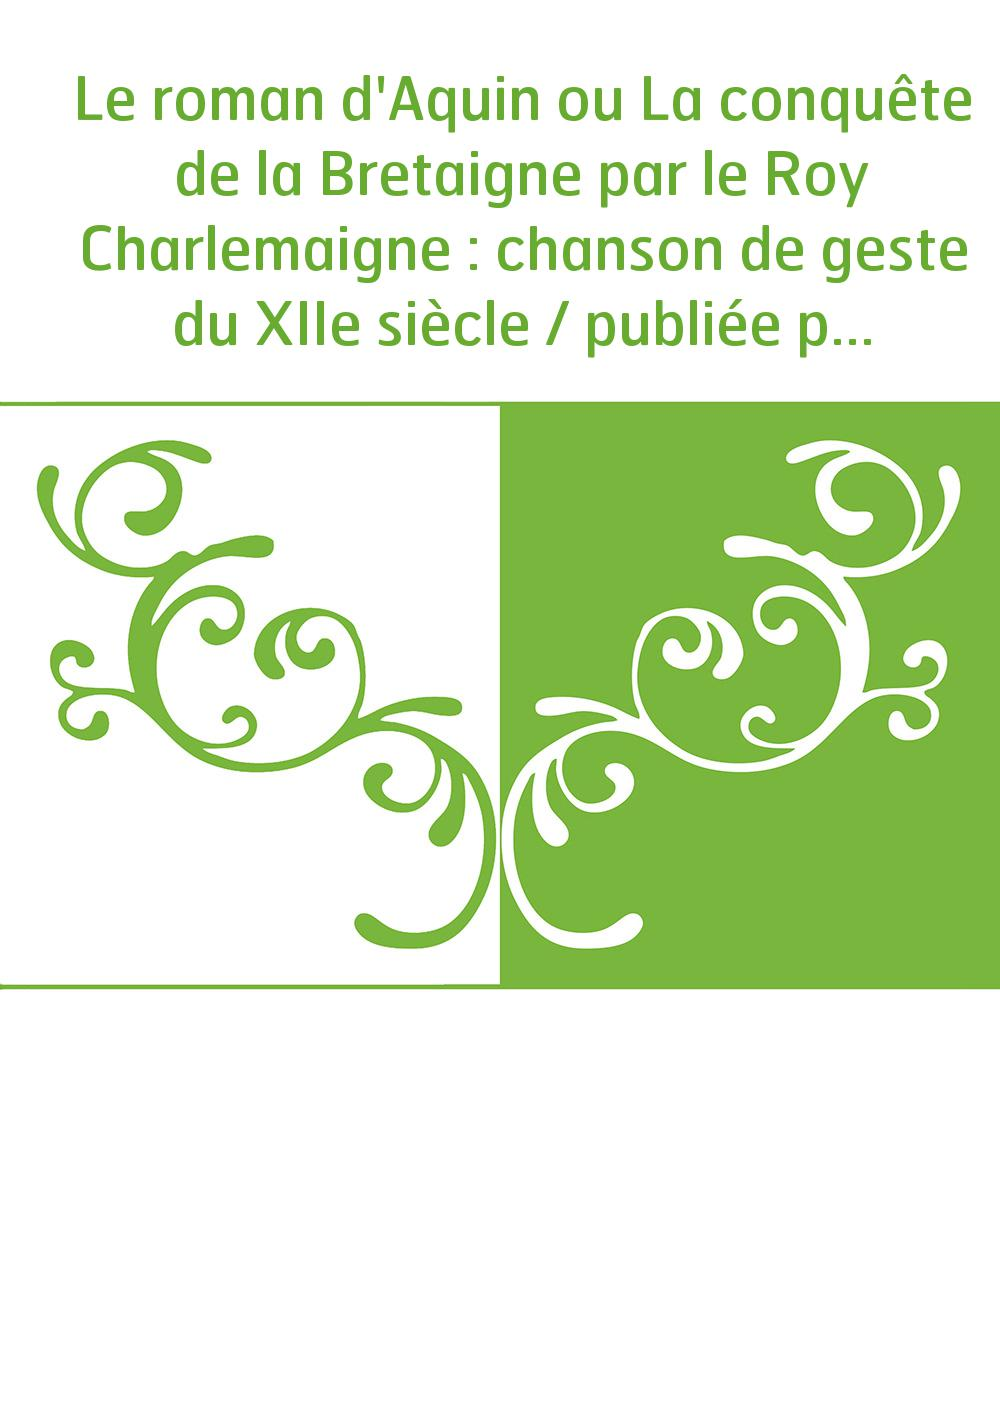 Le roman d'Aquin ou La conquête de la Bretaigne par le Roy Charlemaigne : chanson de geste du XIIe siècle / publiée par F. Jôüon